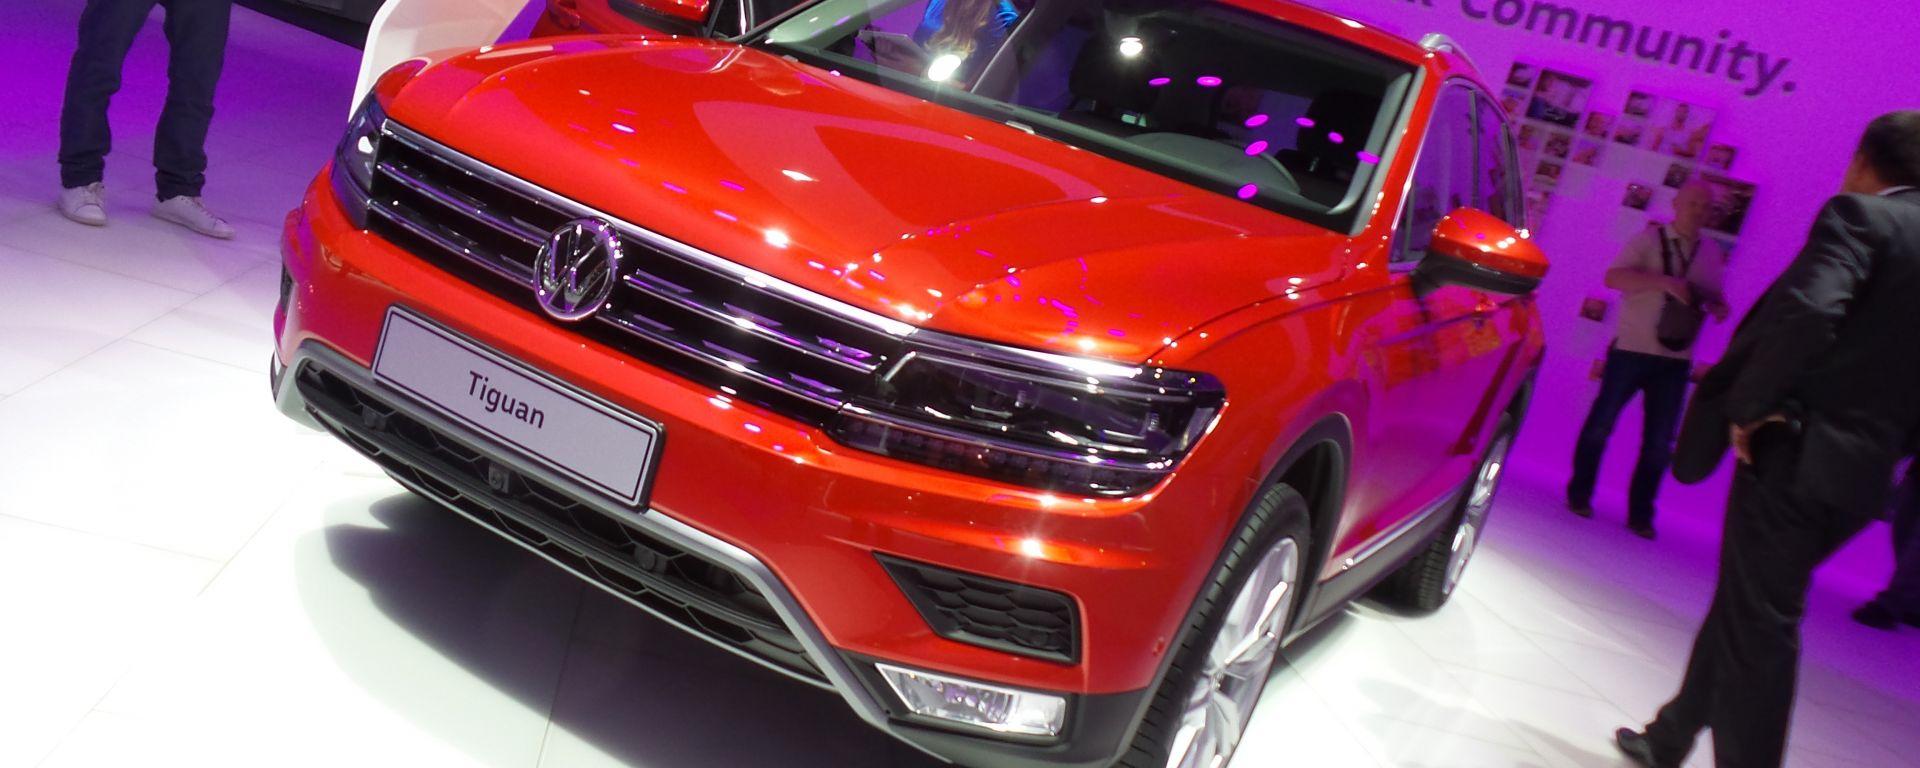 Volkswagen Tiguan 2016: foto LIVE e info